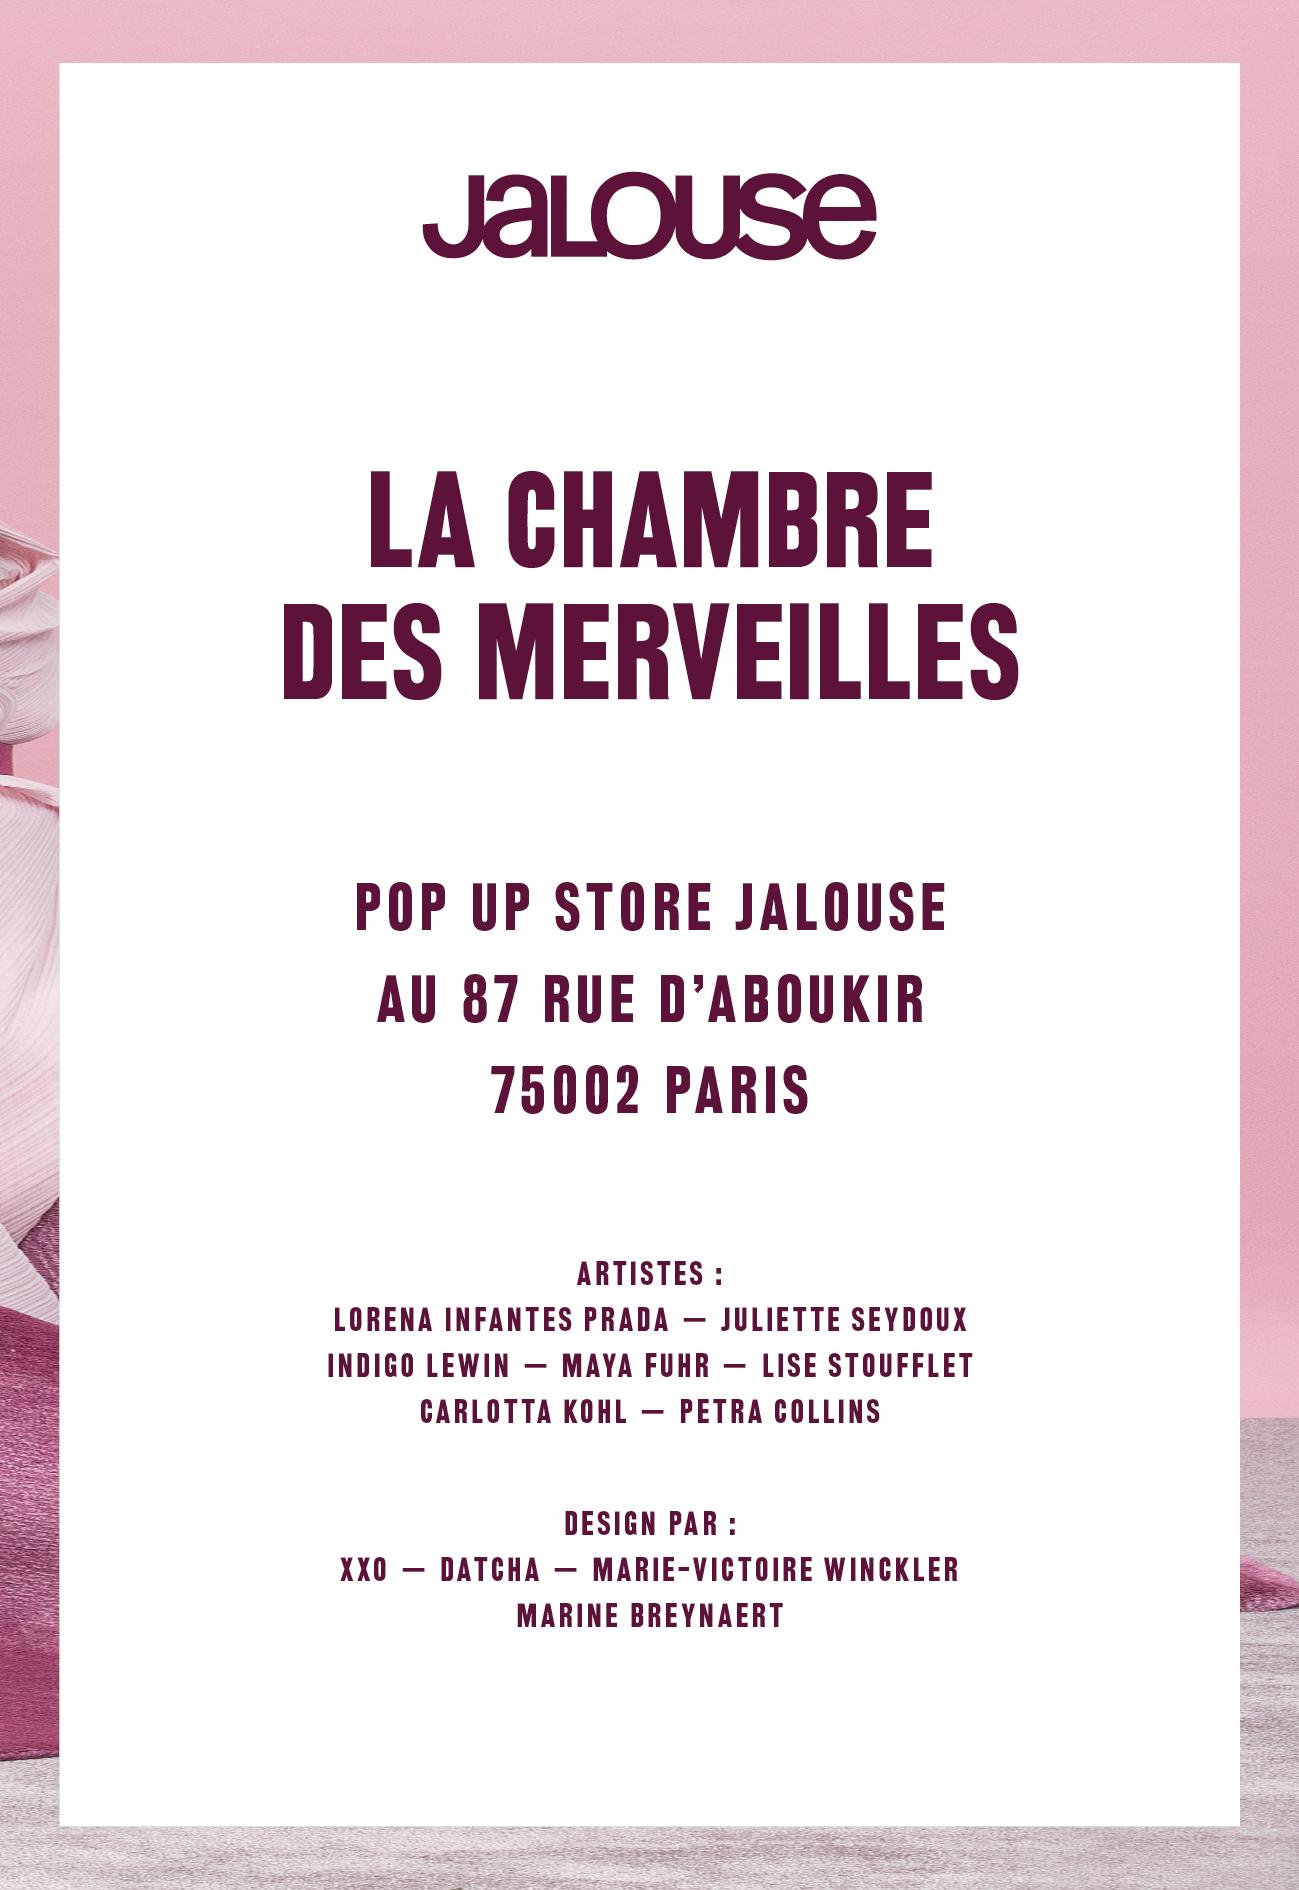 Datcha - Chambre des merveilles Jalouse Paris